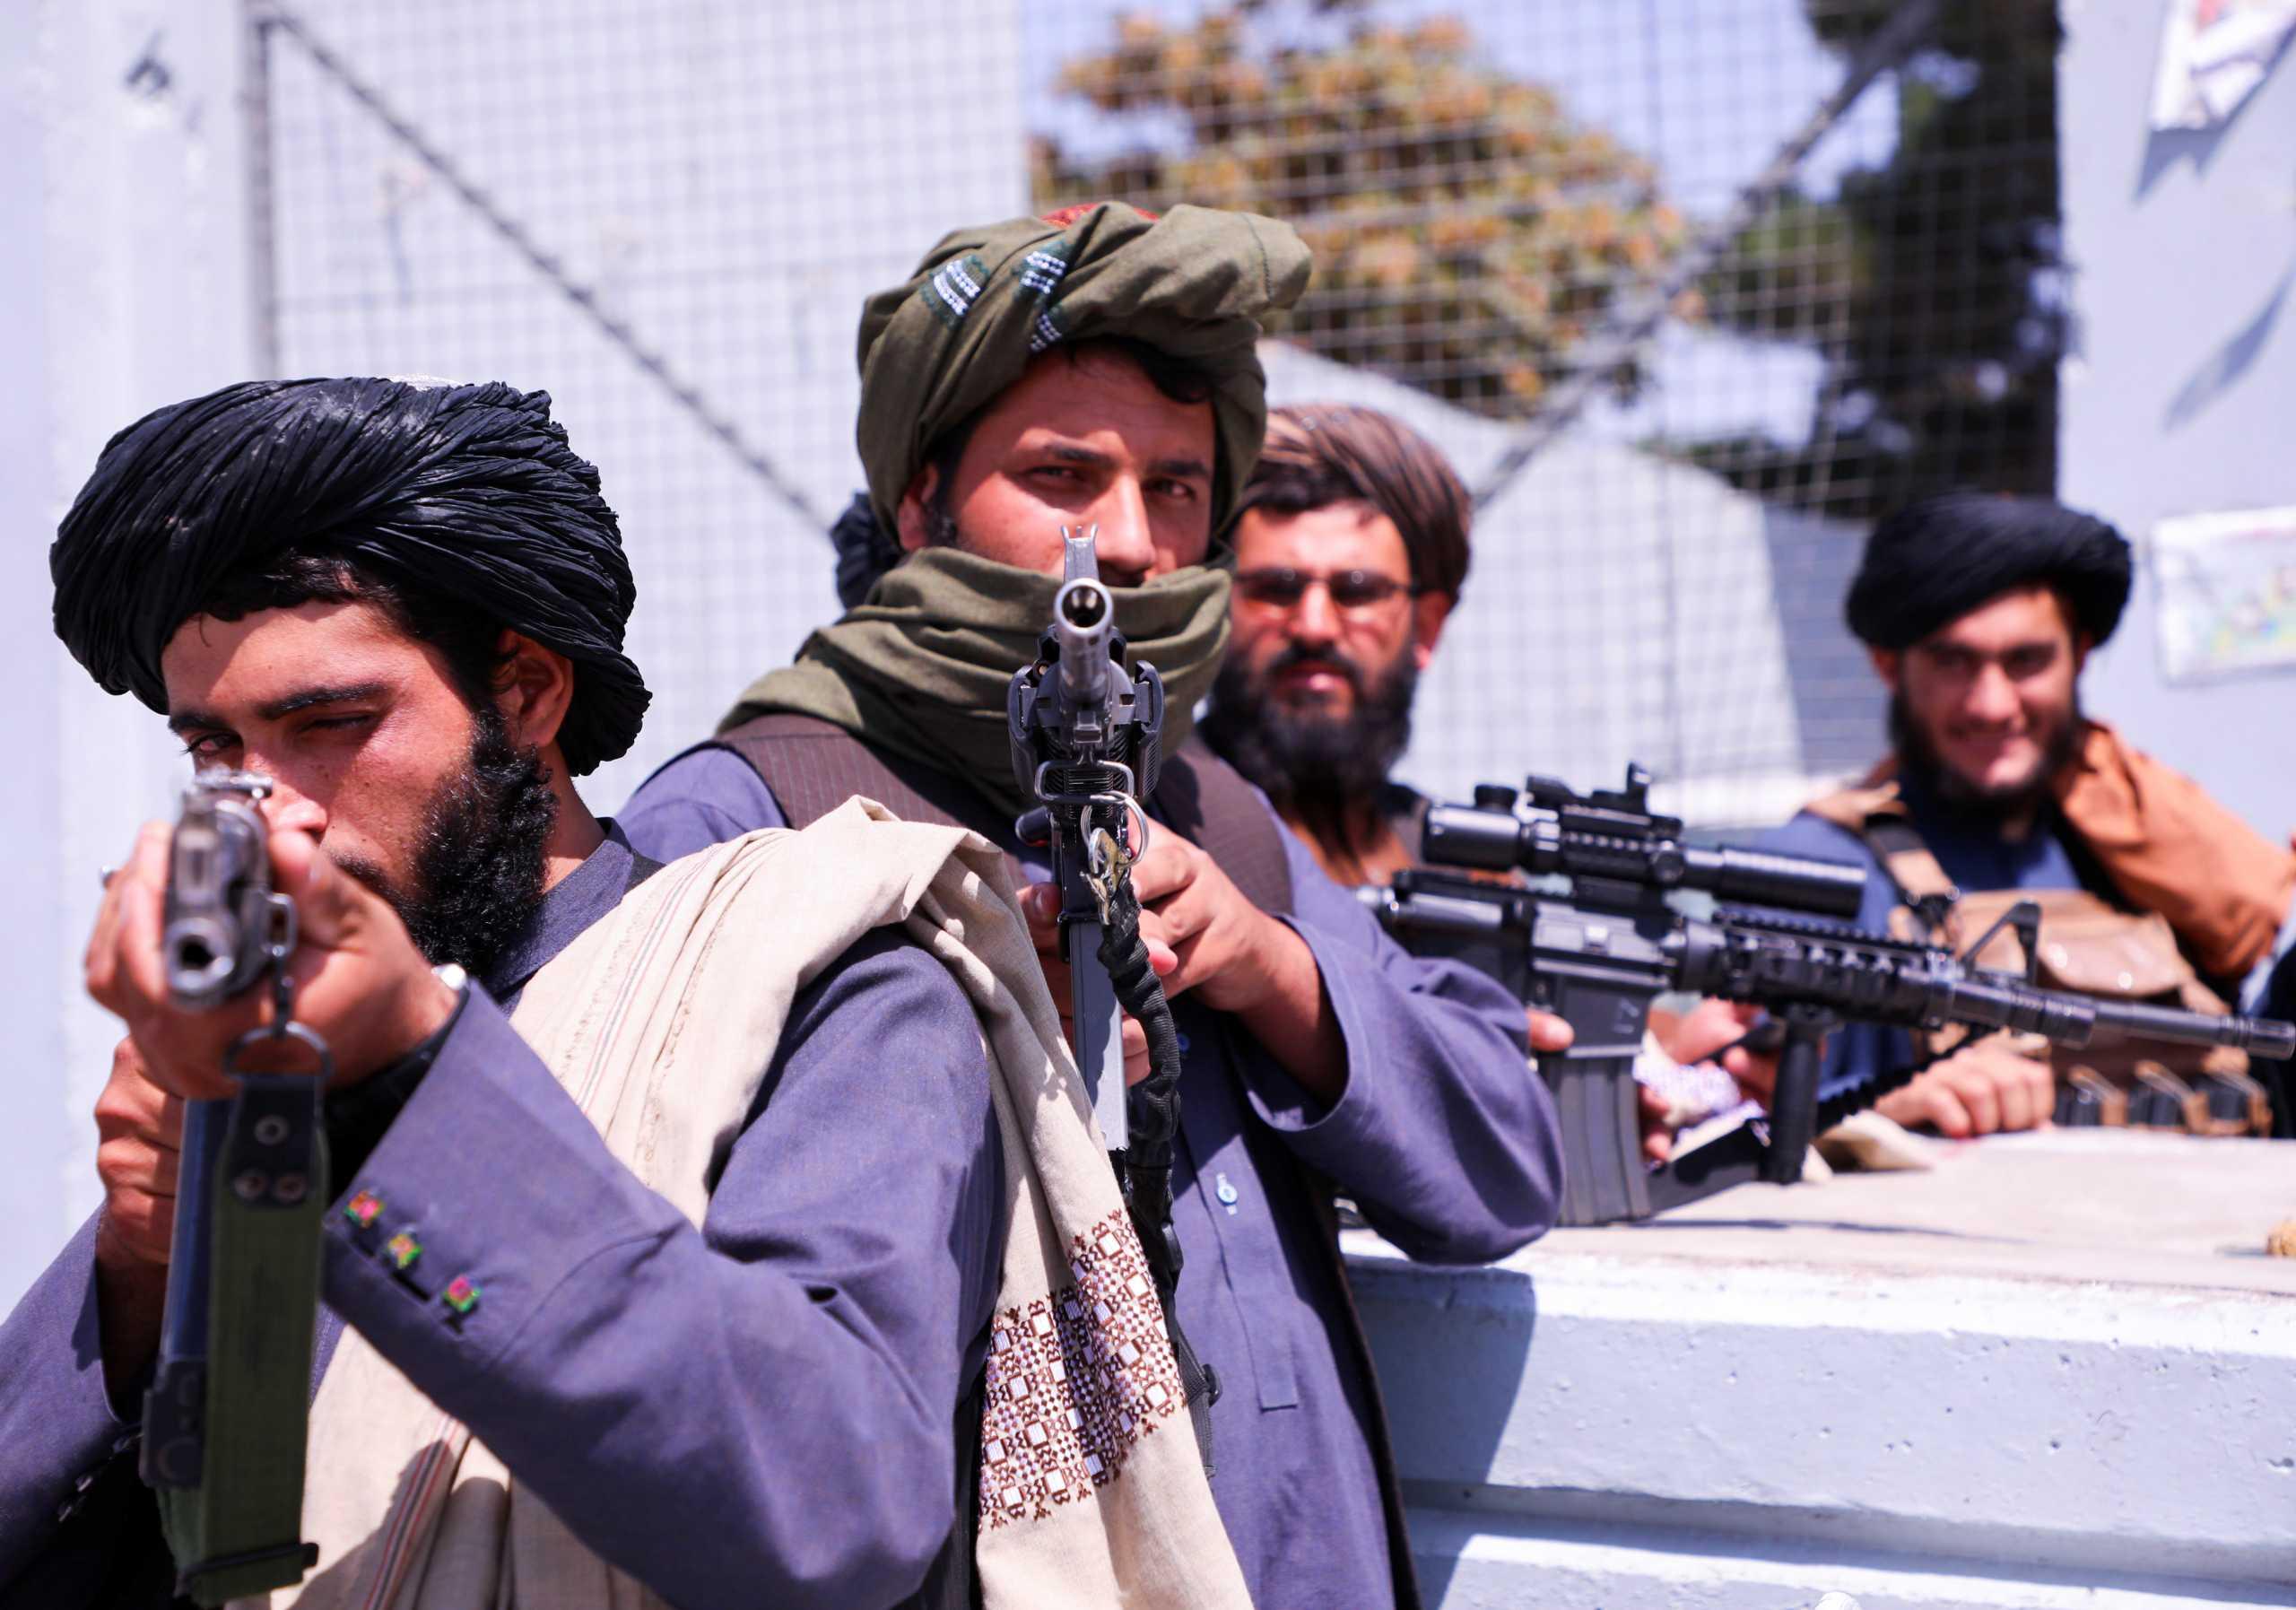 Αφγανιστάν: Οι Ταλιμπάν κατέλαβαν την Πανσίρ και ελέγχουν όλη τη χώρα  – Μαρτυρίες για «φρικτές θηριωδίες»